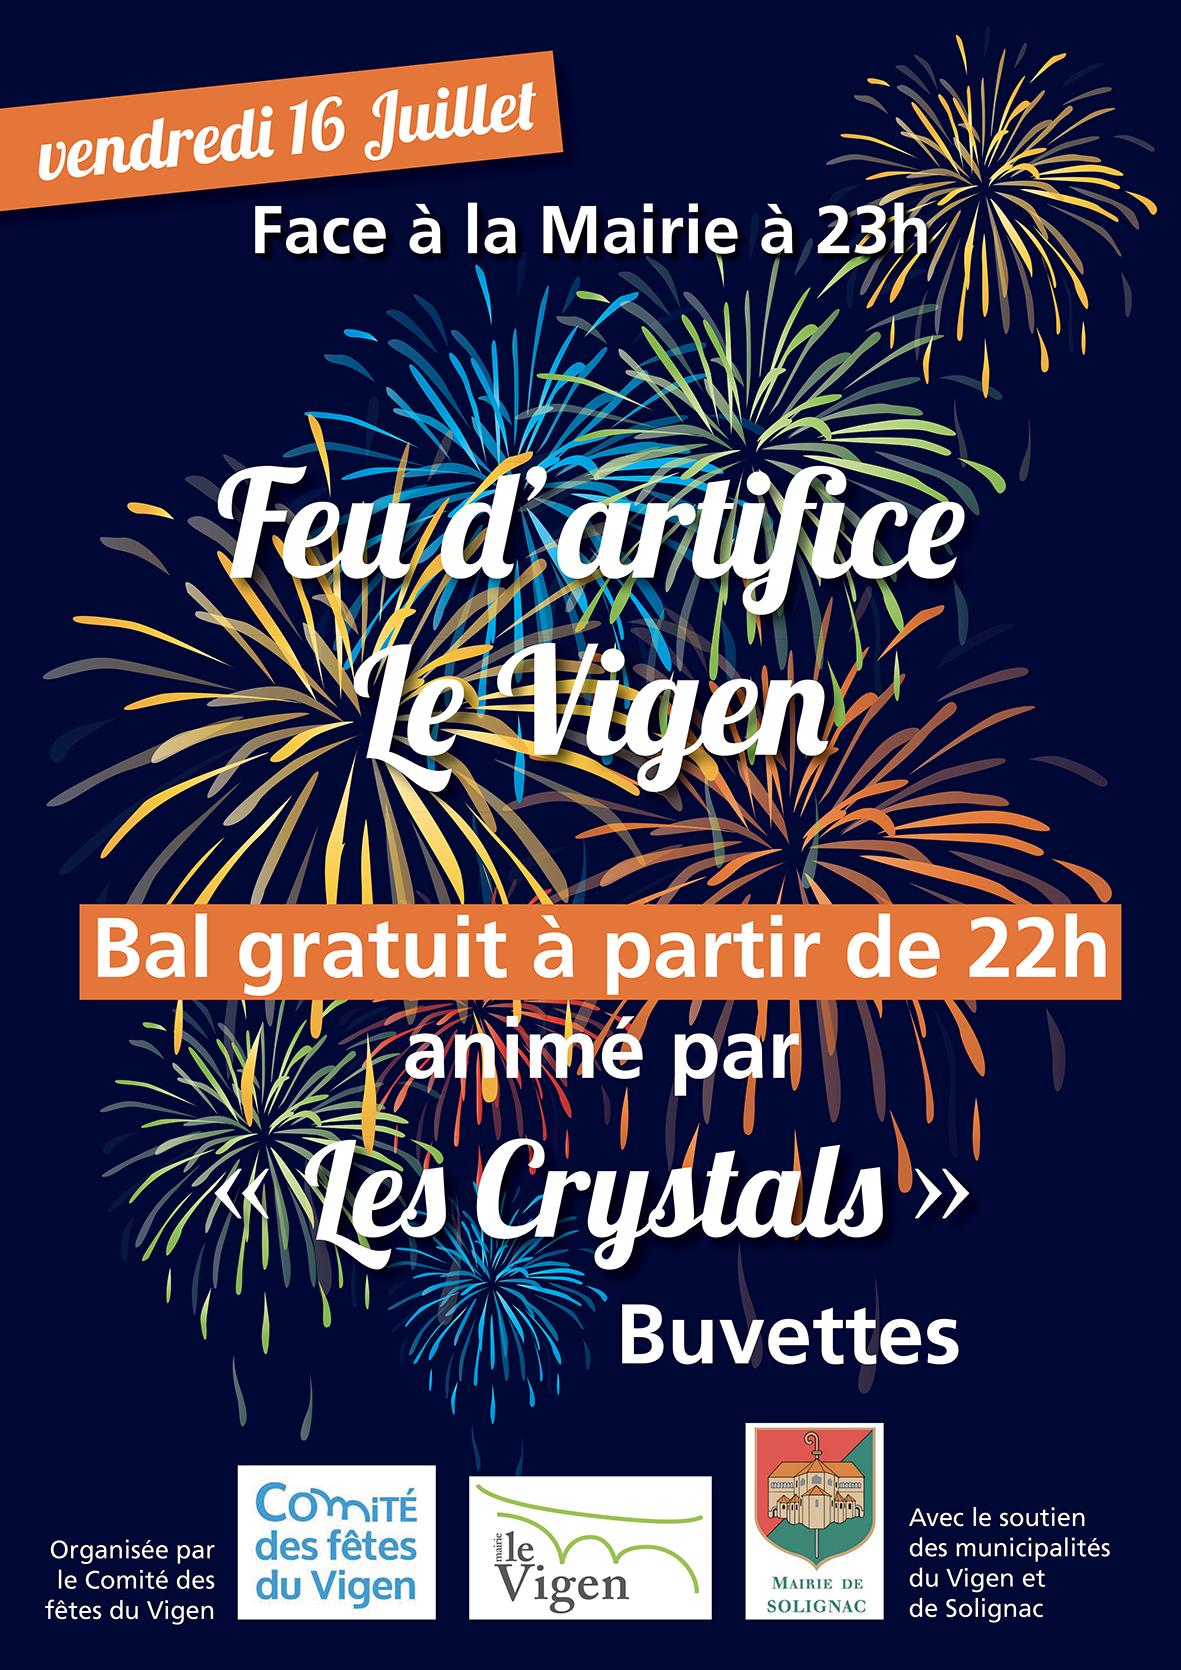 Feu d'artifice et bal populaire @ Le Vigen